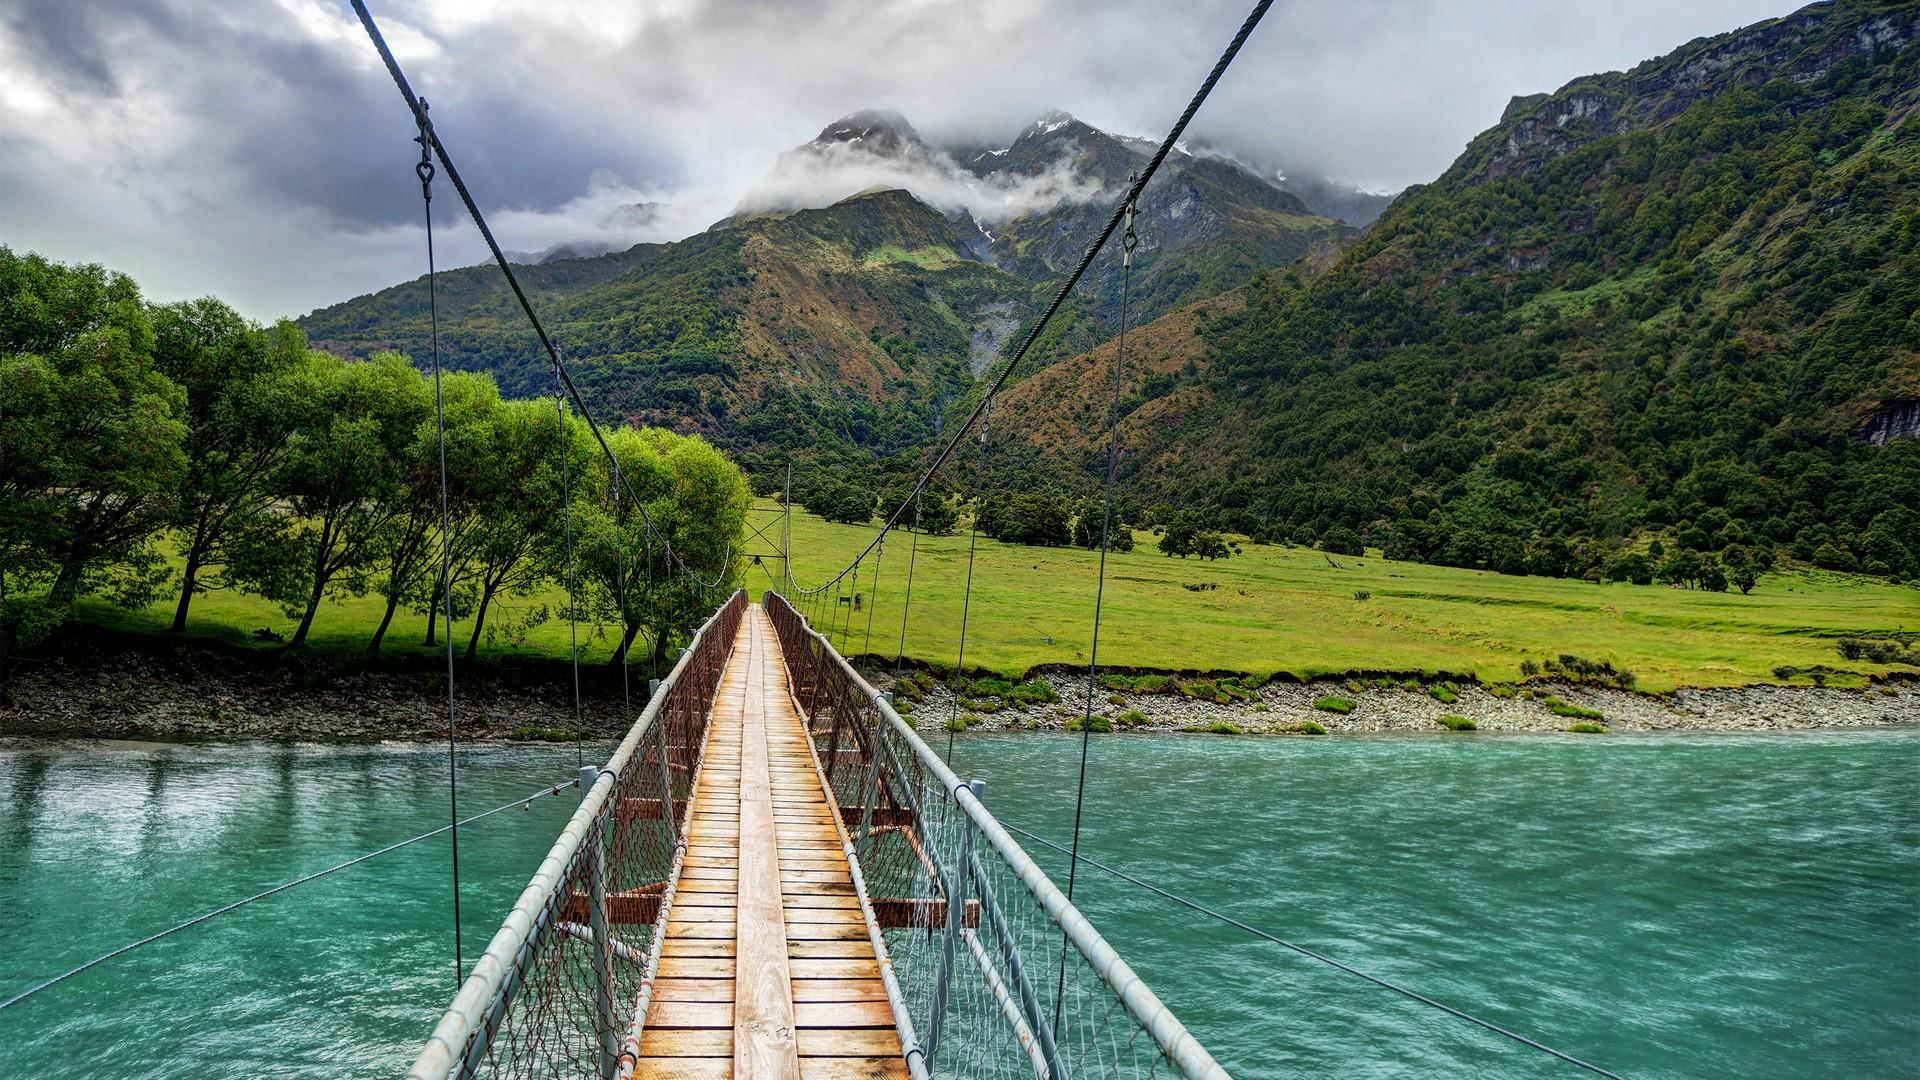 ошибиться выбором подвесные мосты в горах фото основу